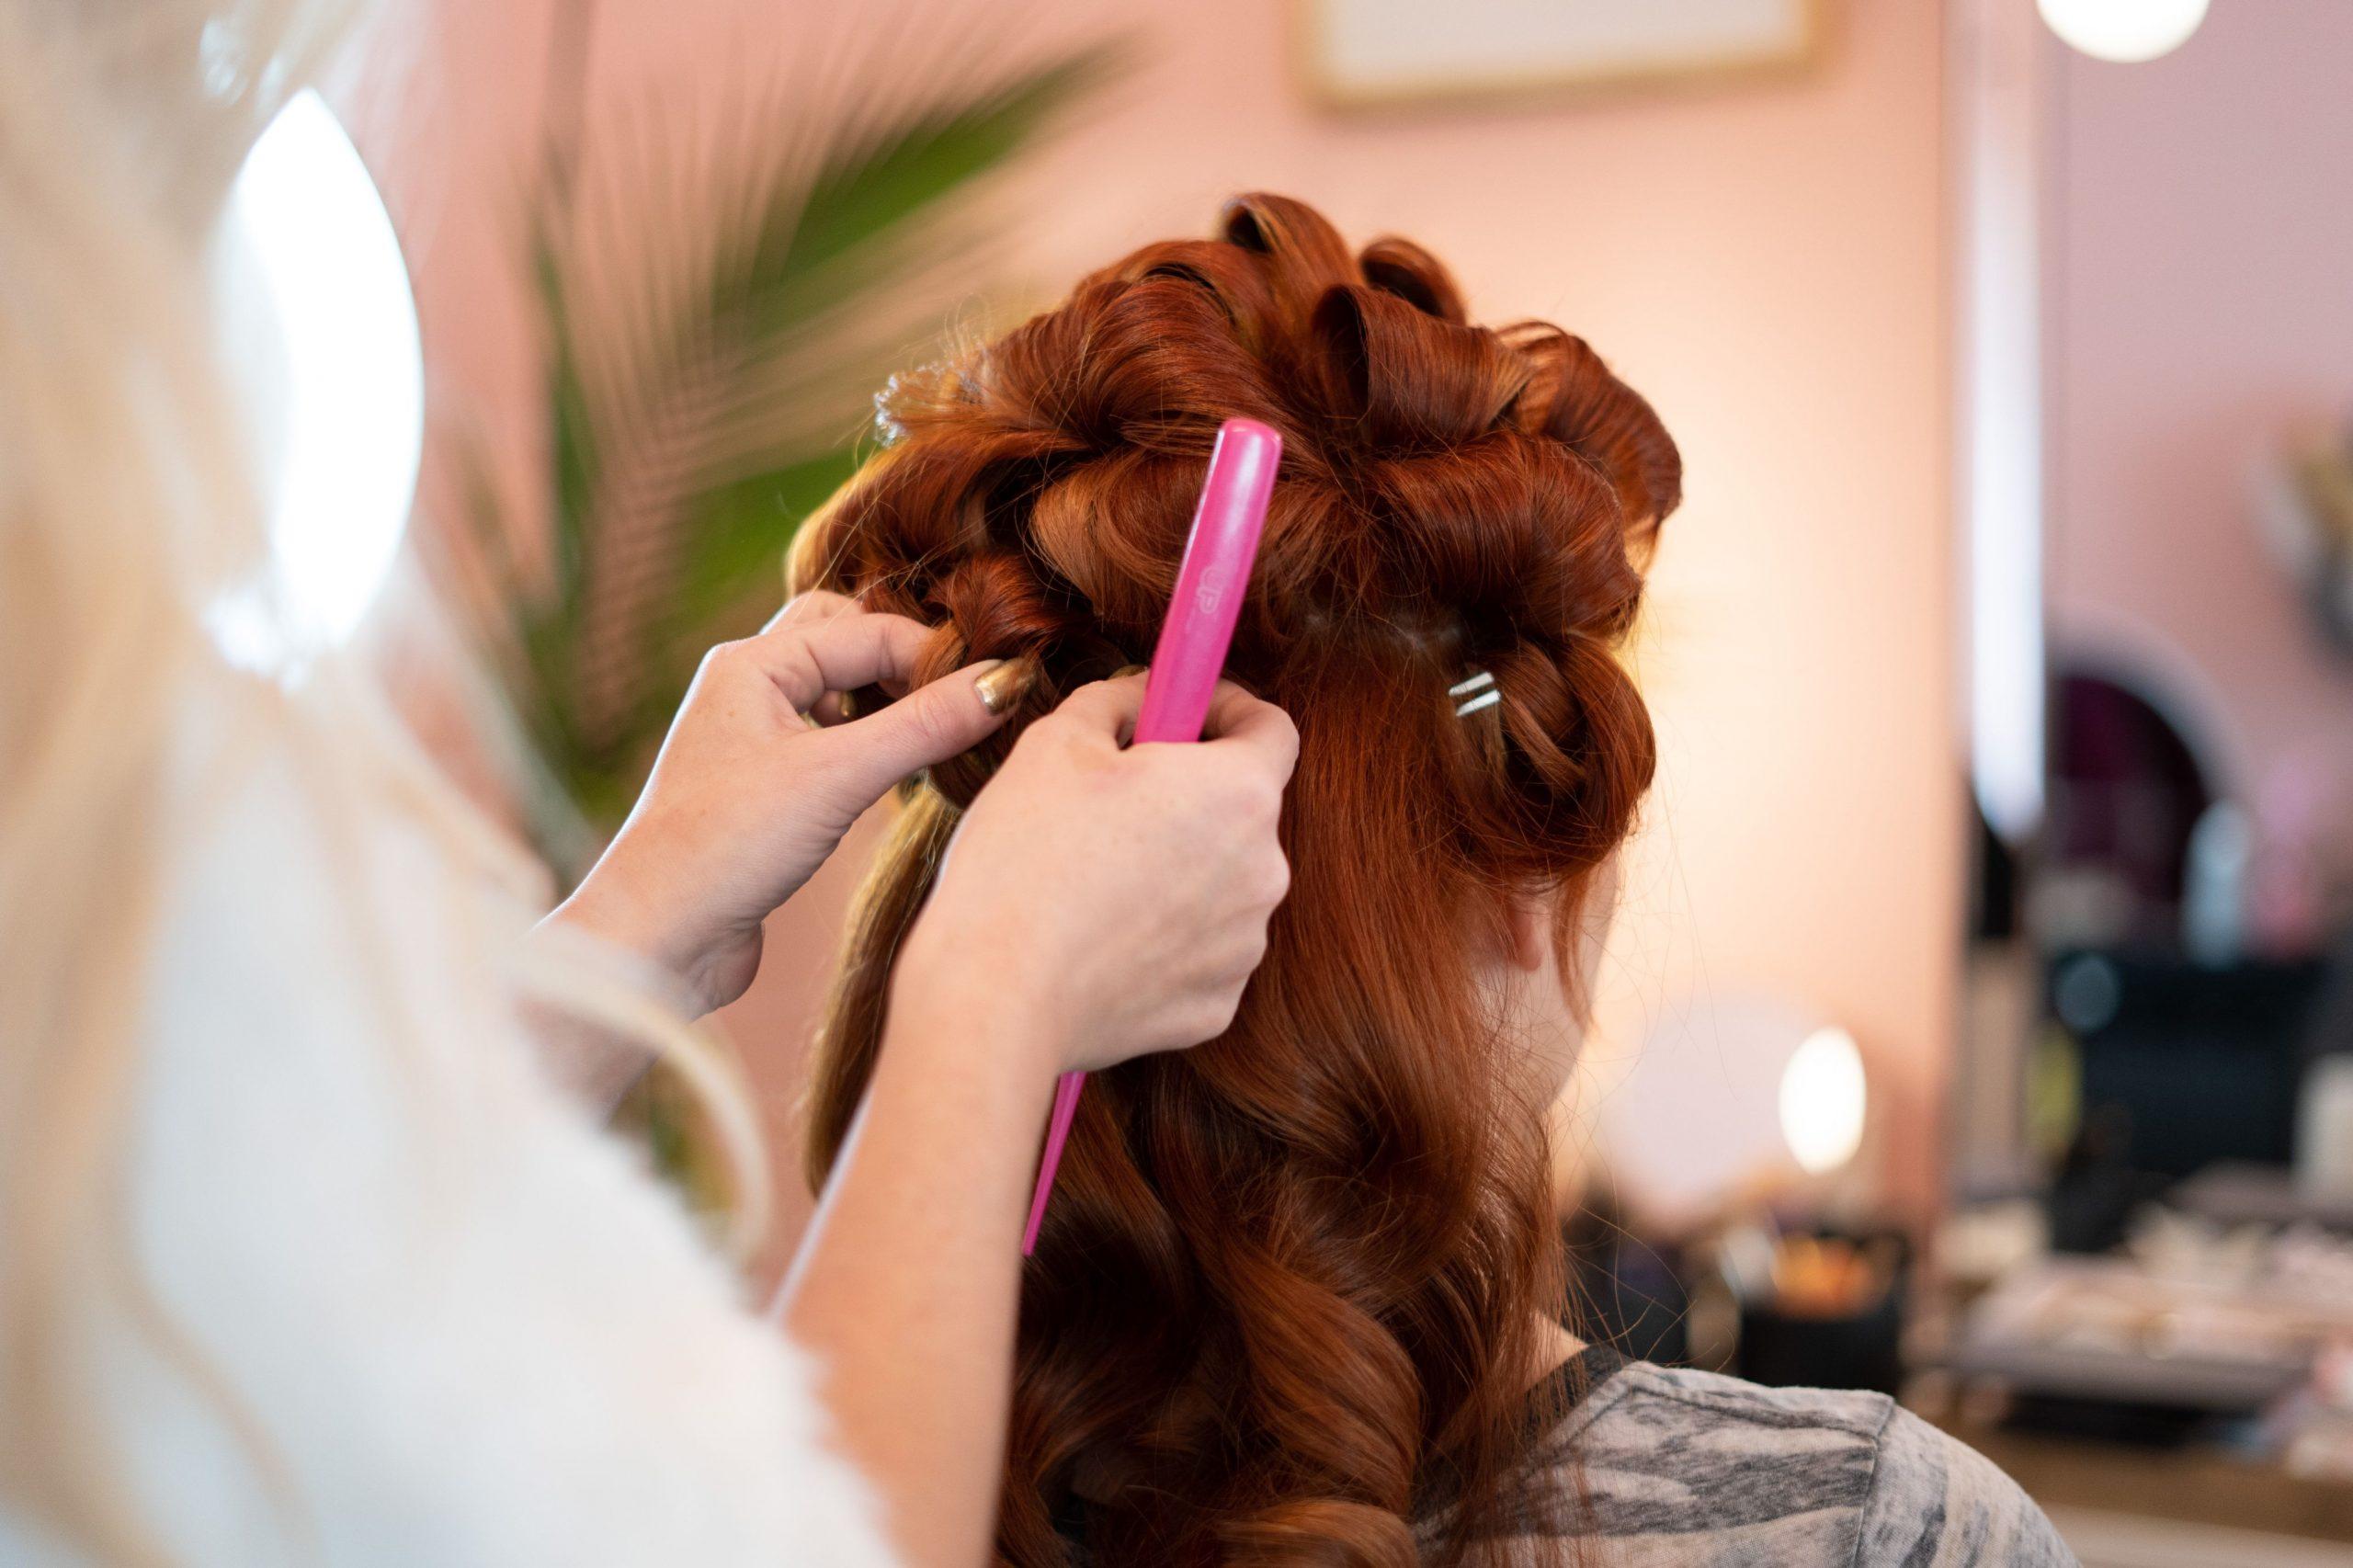 Beauty Salon Sheikh Zayed Road | Best Salon Home Service in Dubai